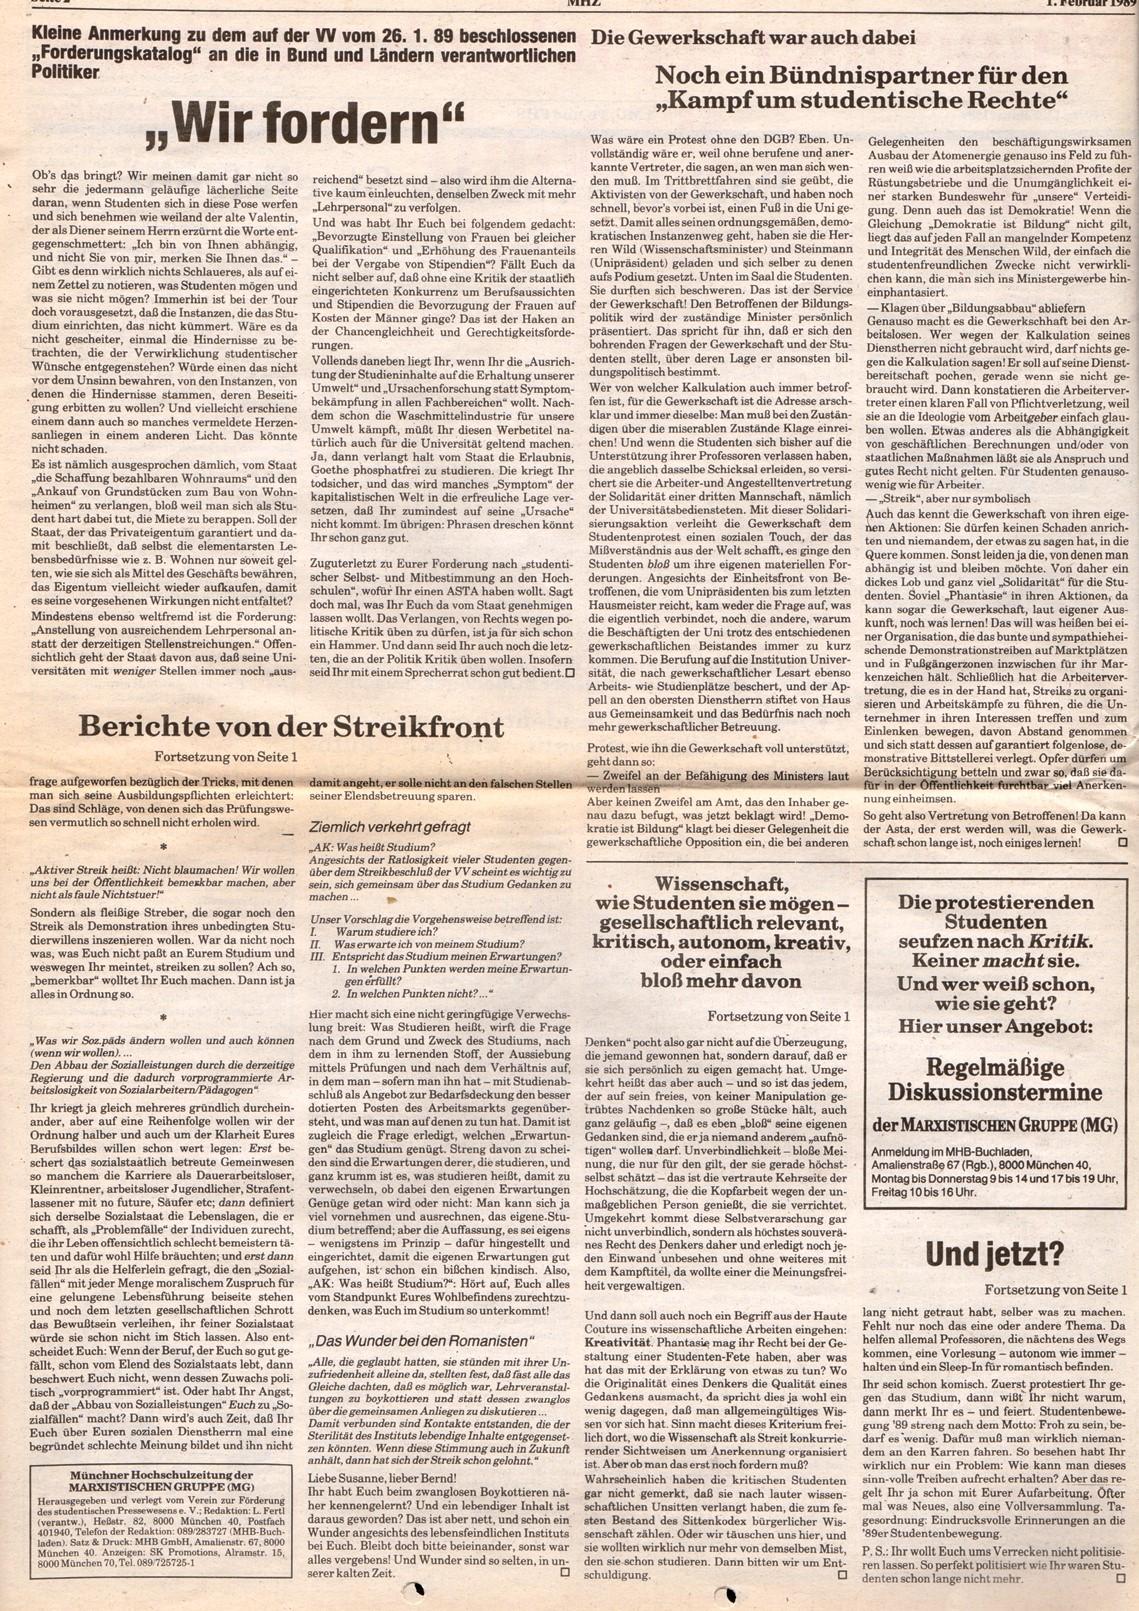 Muenchen_MG_Hochschulzeitung_19890201_02